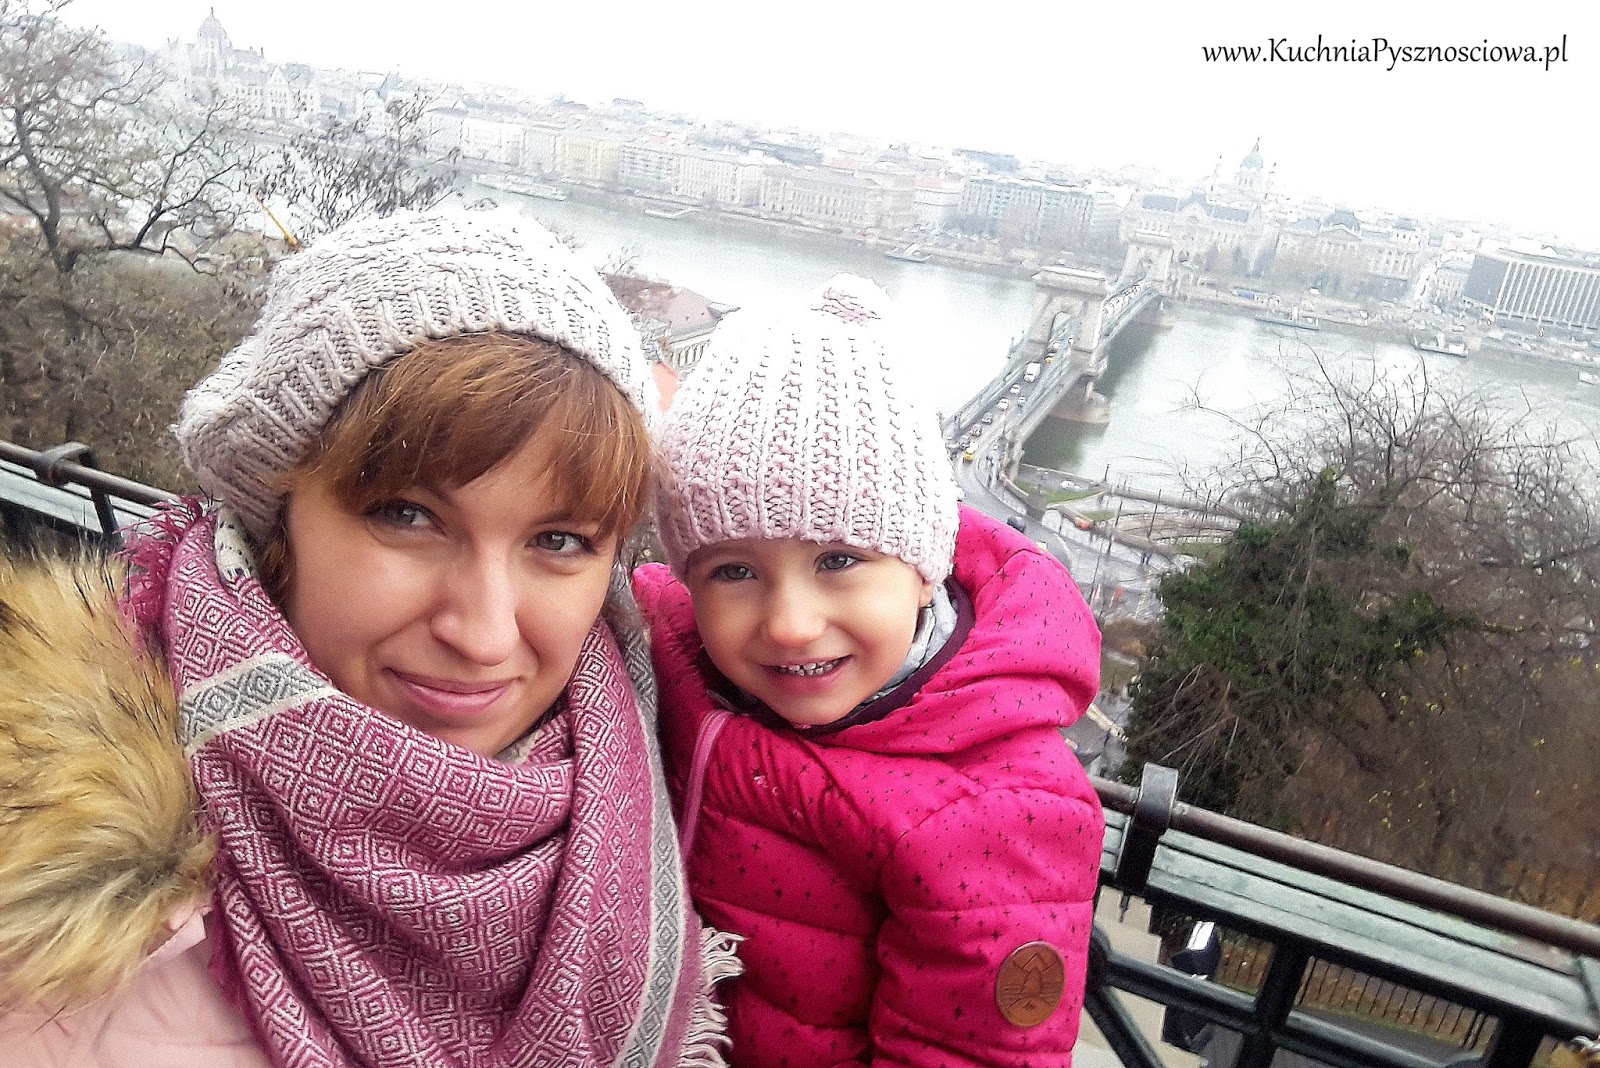 Budapeszt, city break z dzieckiem